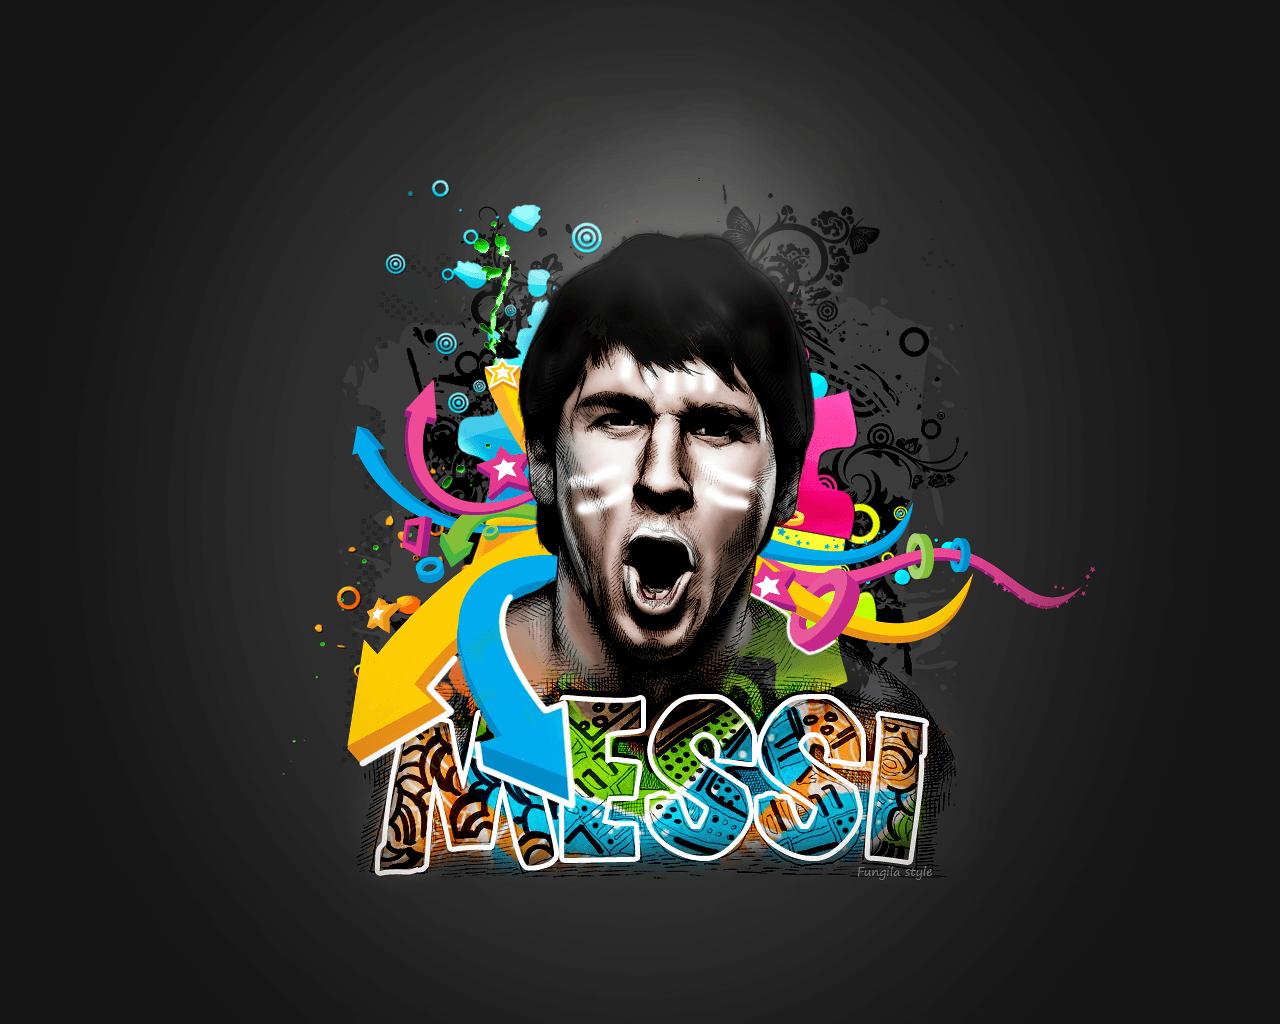 leo messi wallpaper ndash - photo #48